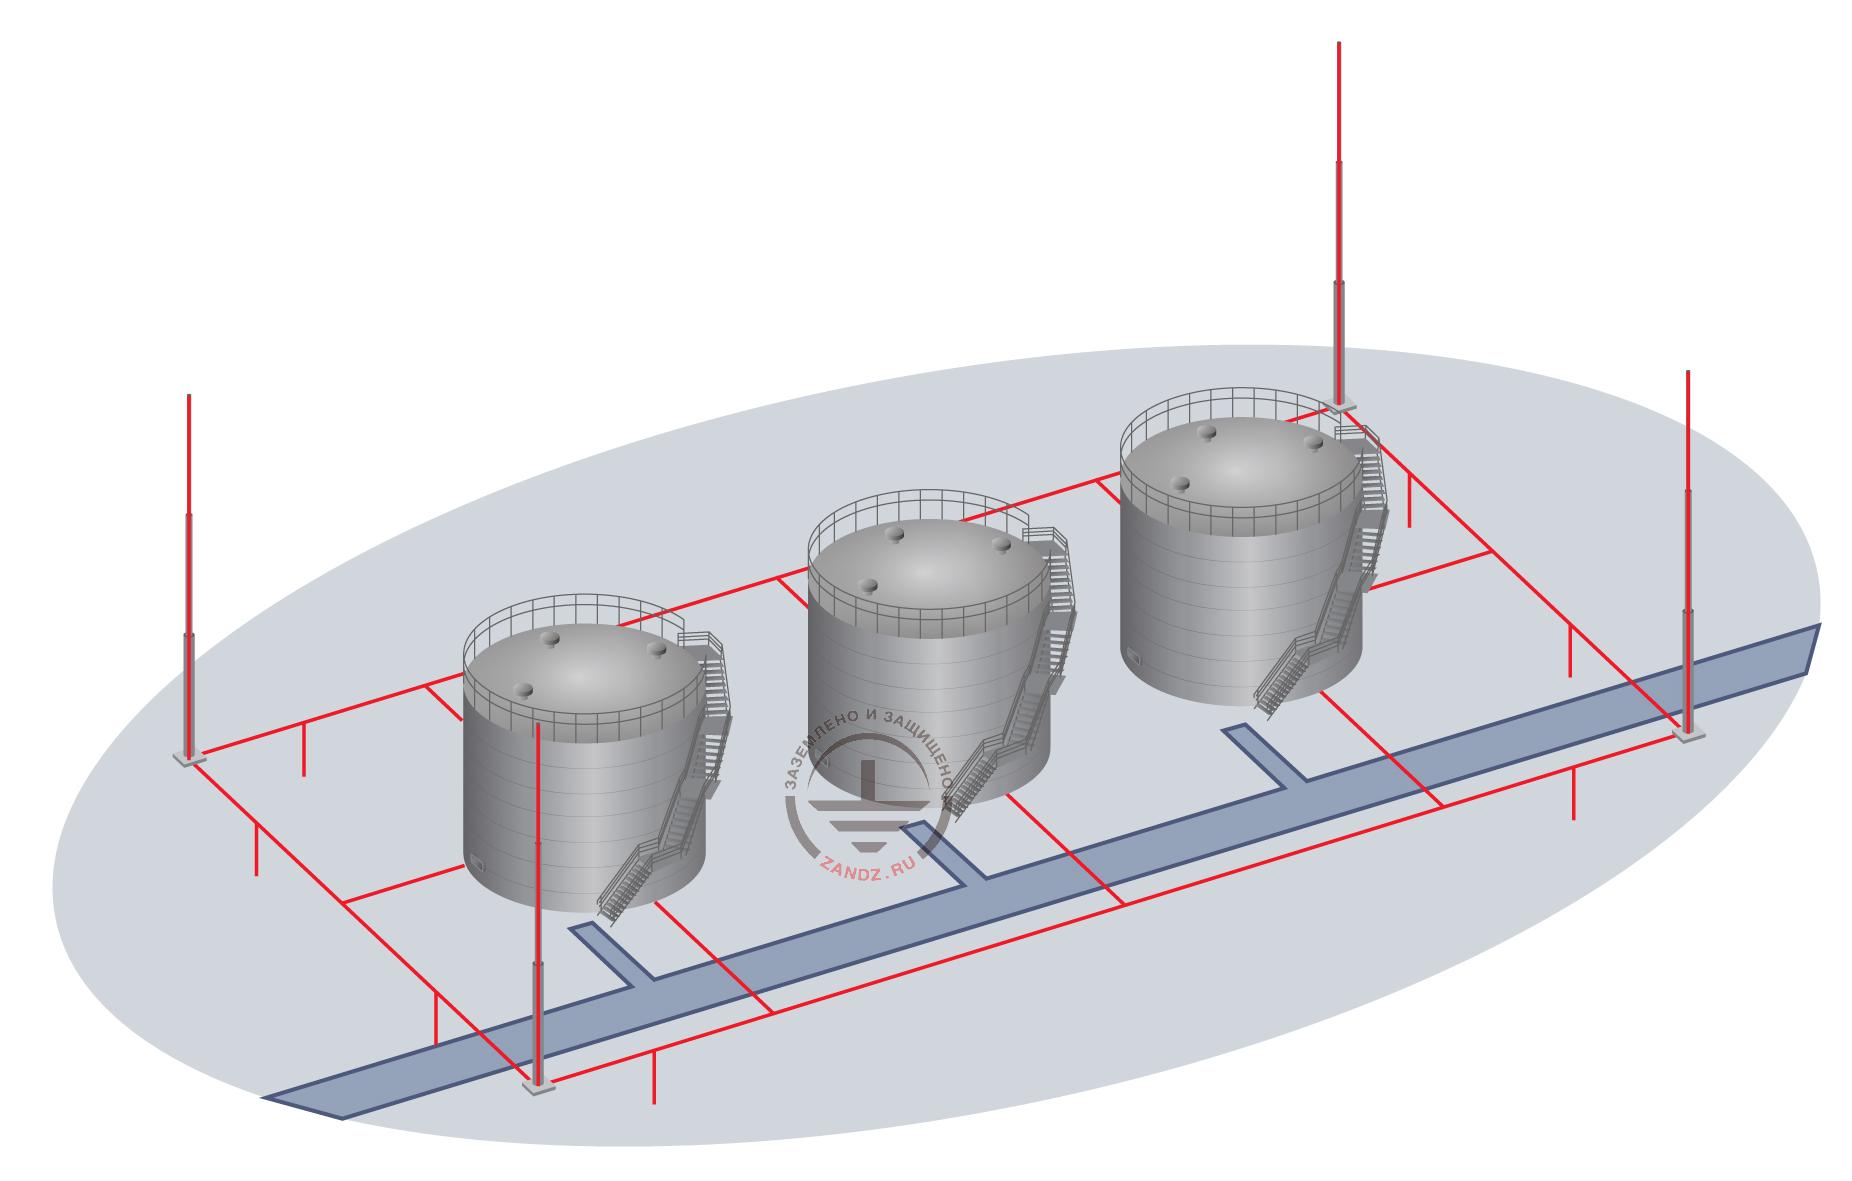 Проект заземления и молниезащиты для нефтяных резервуаров